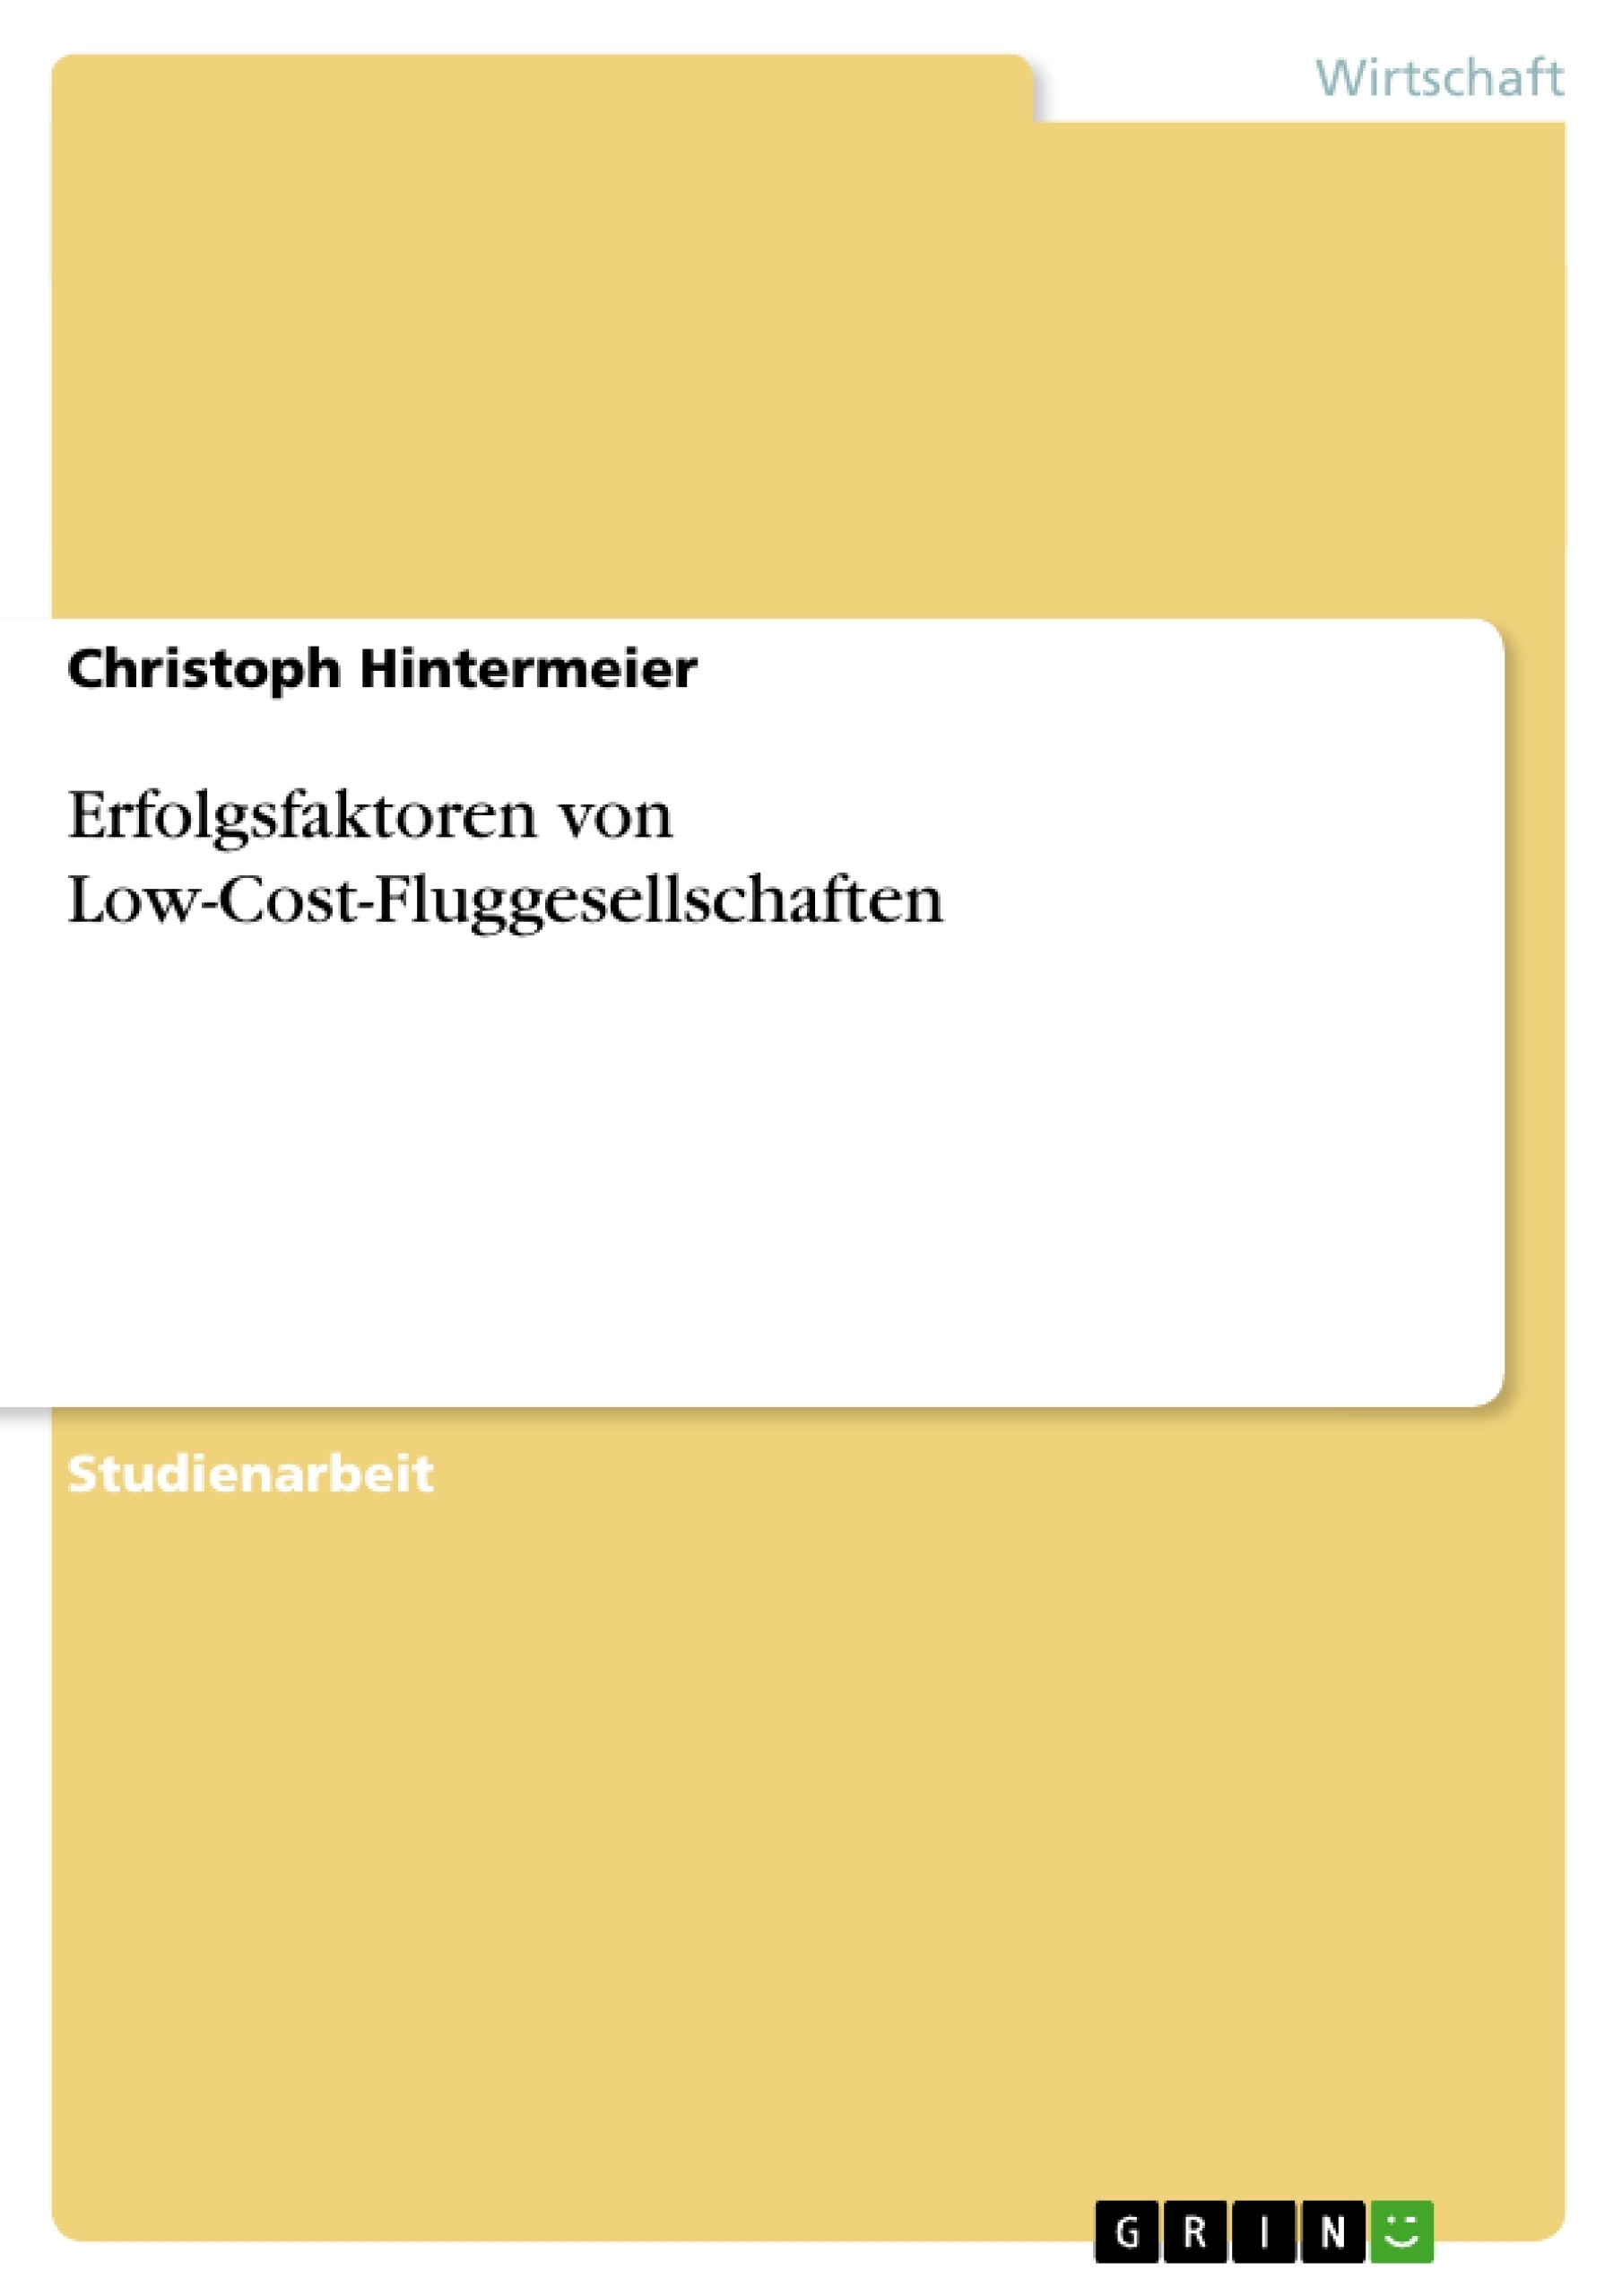 Titel: Erfolgsfaktoren von Low-Cost-Fluggesellschaften